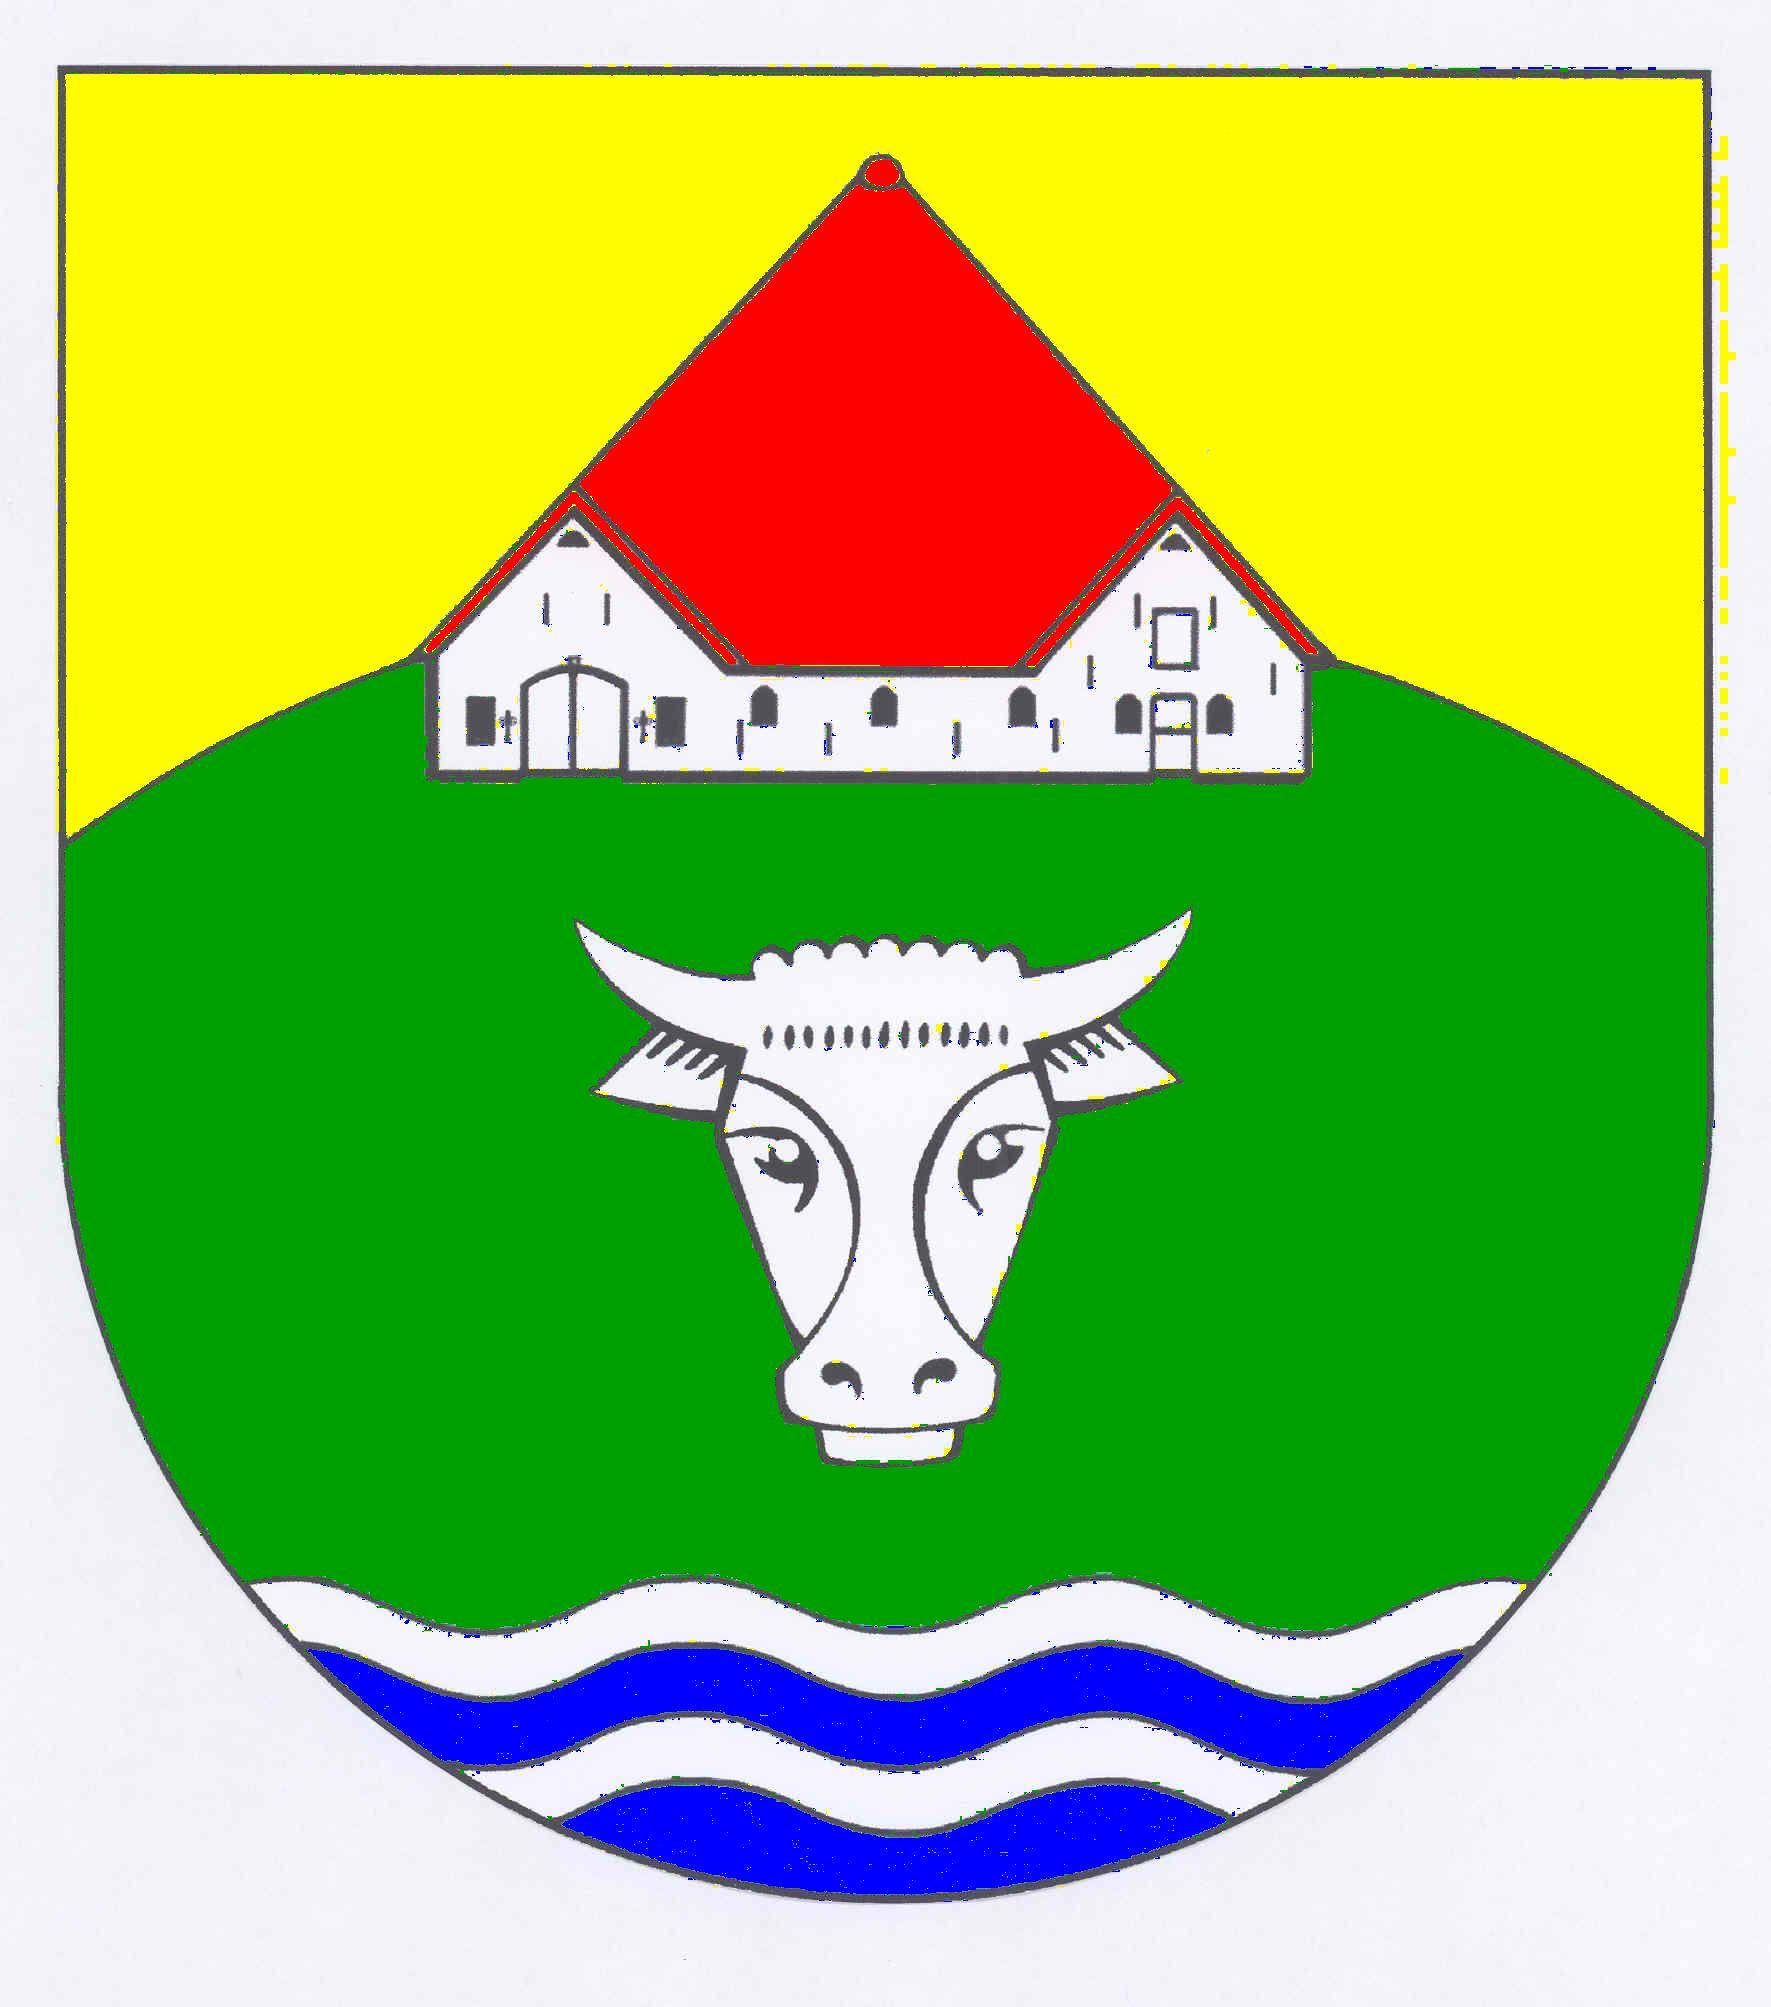 Wappen GemeindeWitzwort, Kreis Nordfriesland